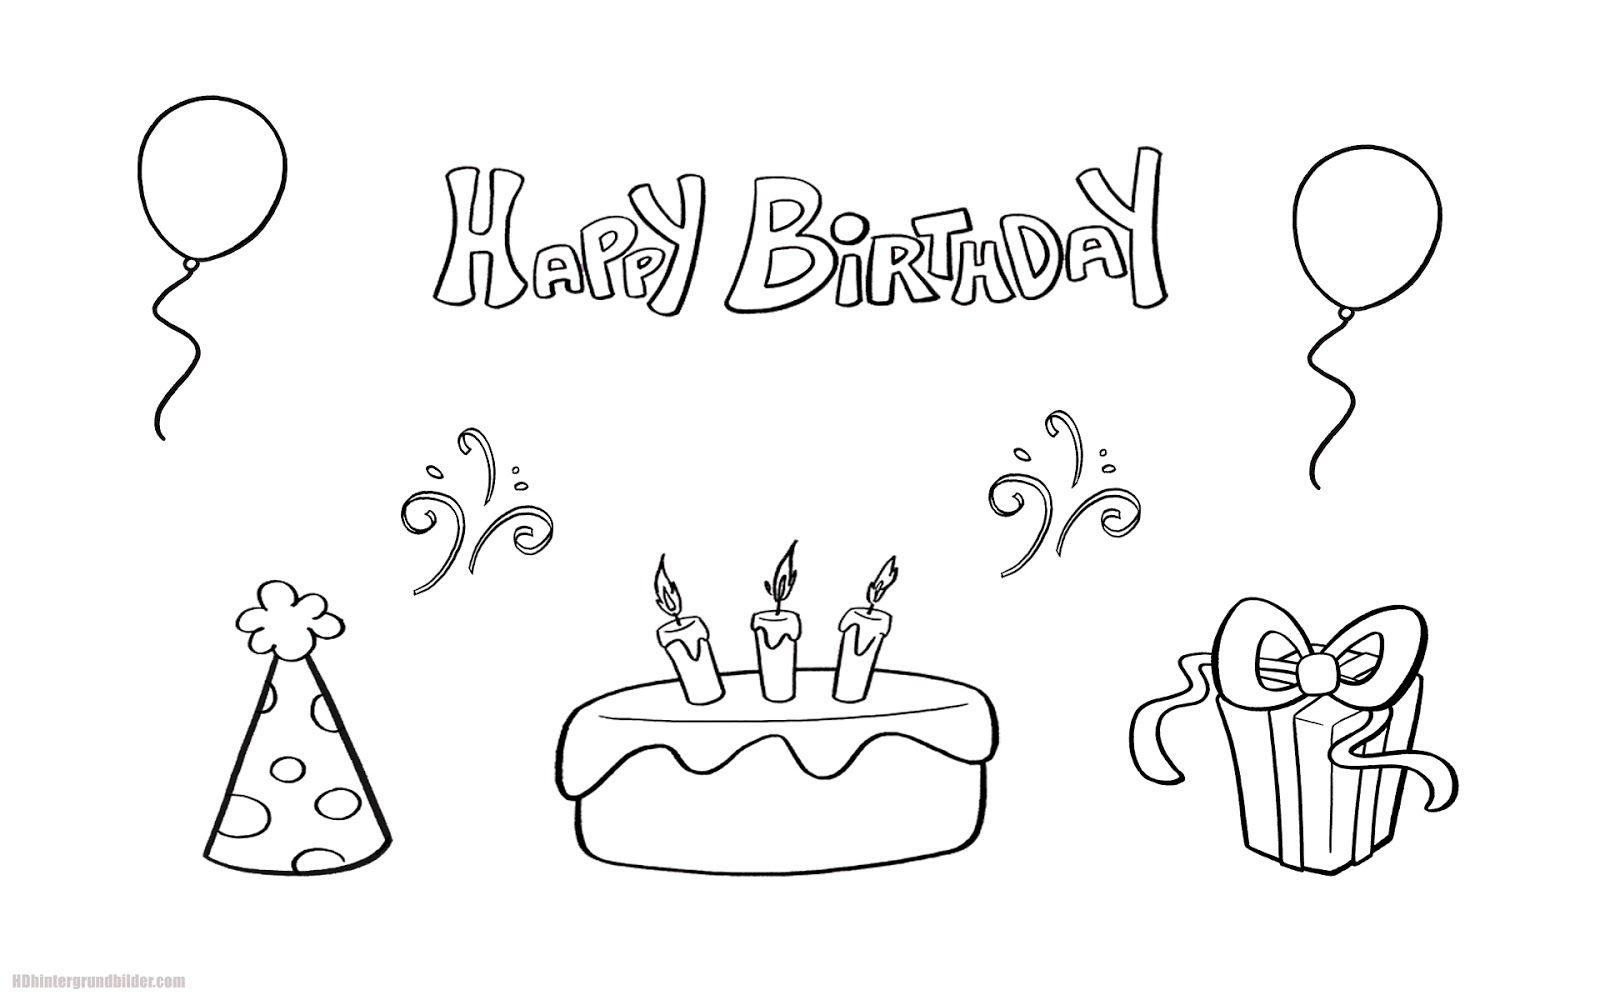 Ausmalbilder Happy Birthday Papa (Mit Bildern) | Ausmalen ganzes Happy Birthday Ausmalbilder Kostenlos